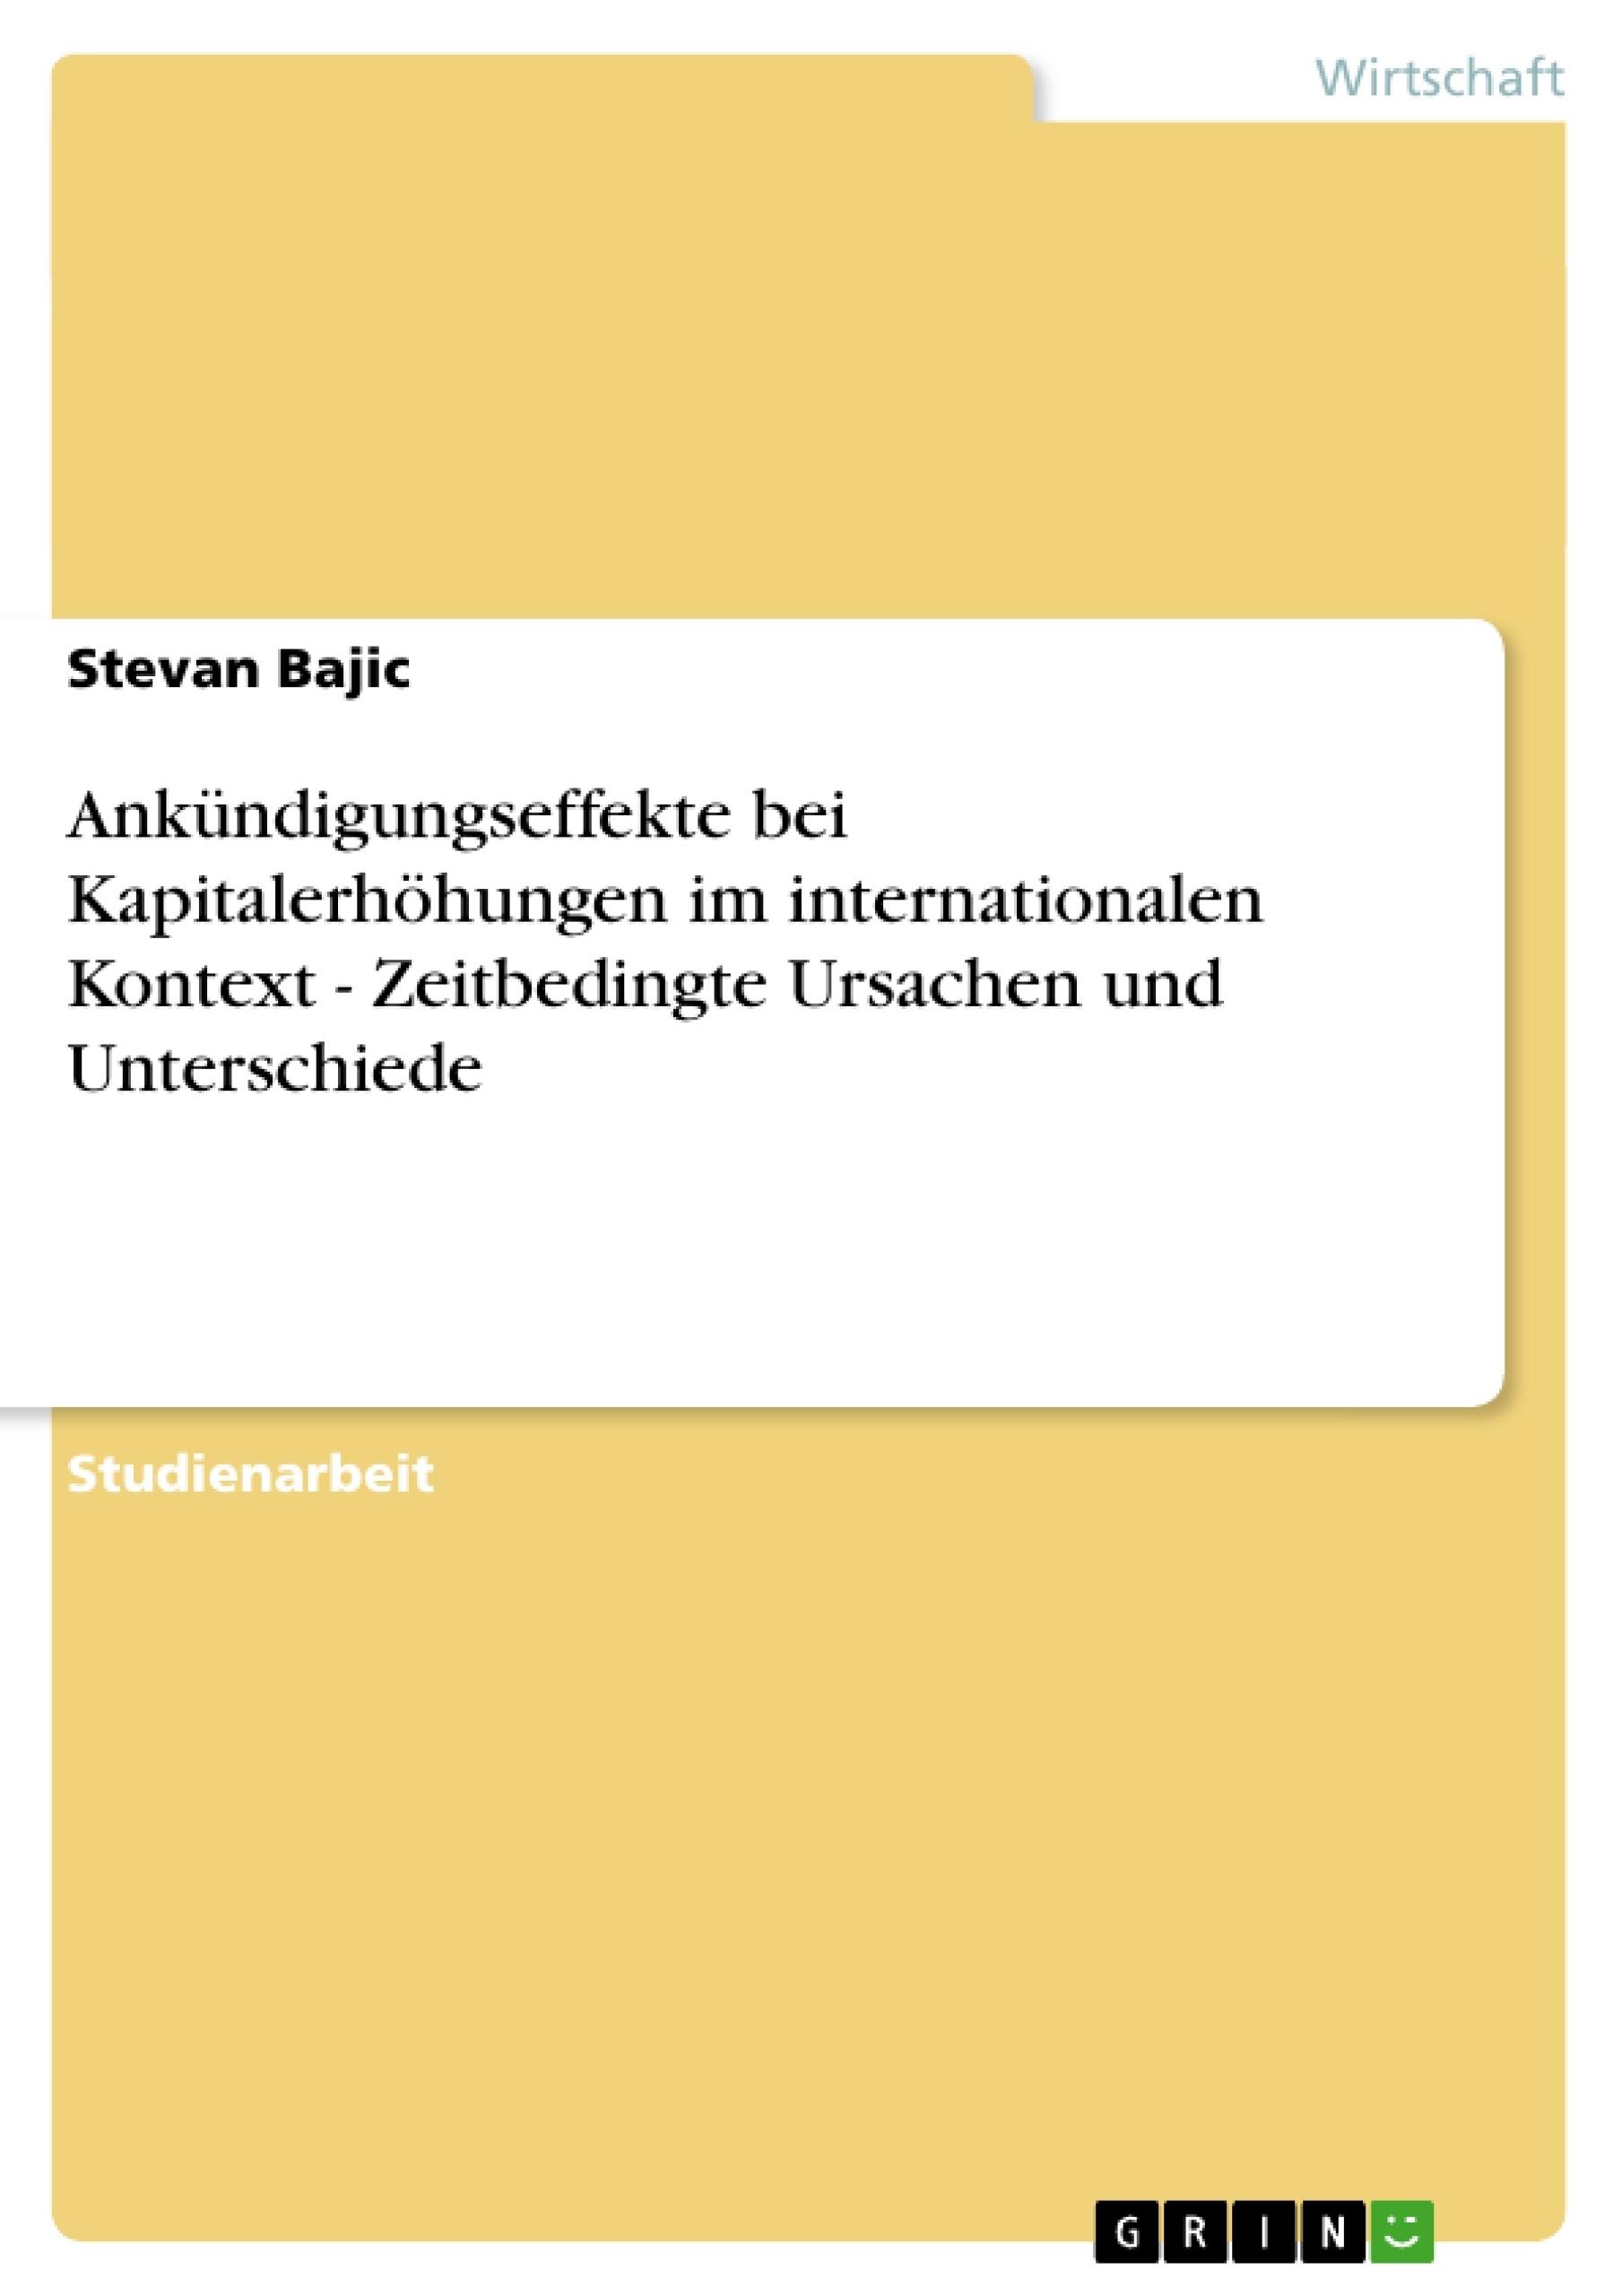 Titel: Ankündigungseffekte bei Kapitalerhöhungen im internationalen Kontext - Zeitbedingte Ursachen und Unterschiede